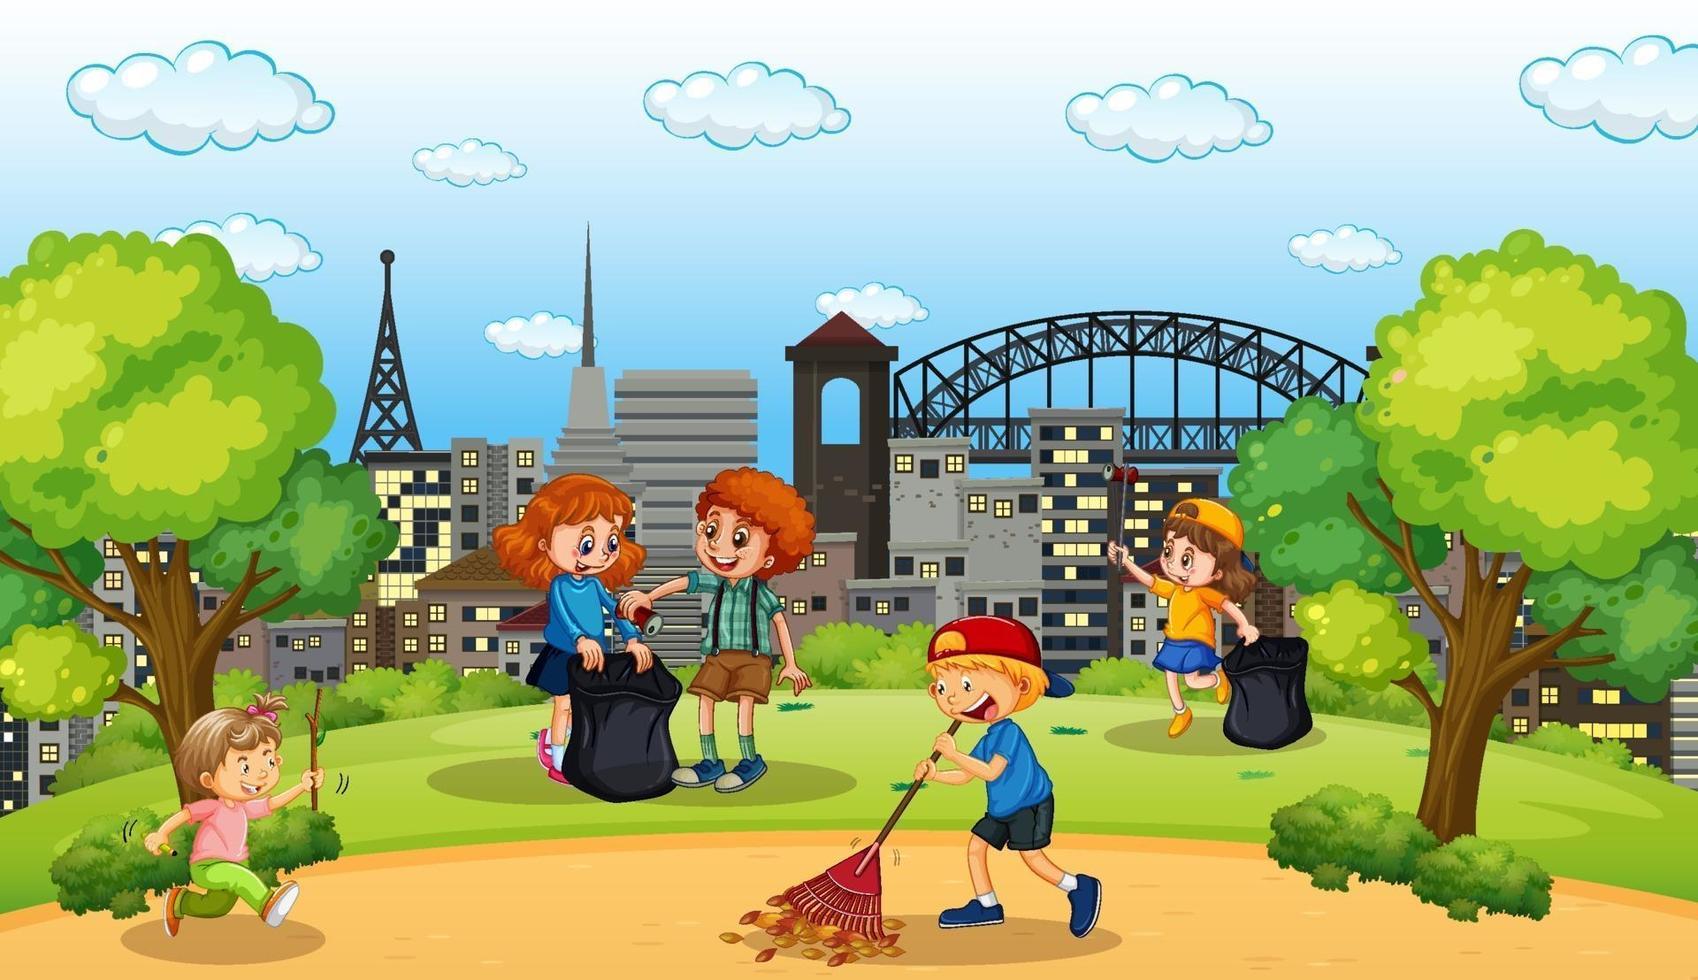 scène avec de nombreux enfants nettoyant dans le parc vecteur